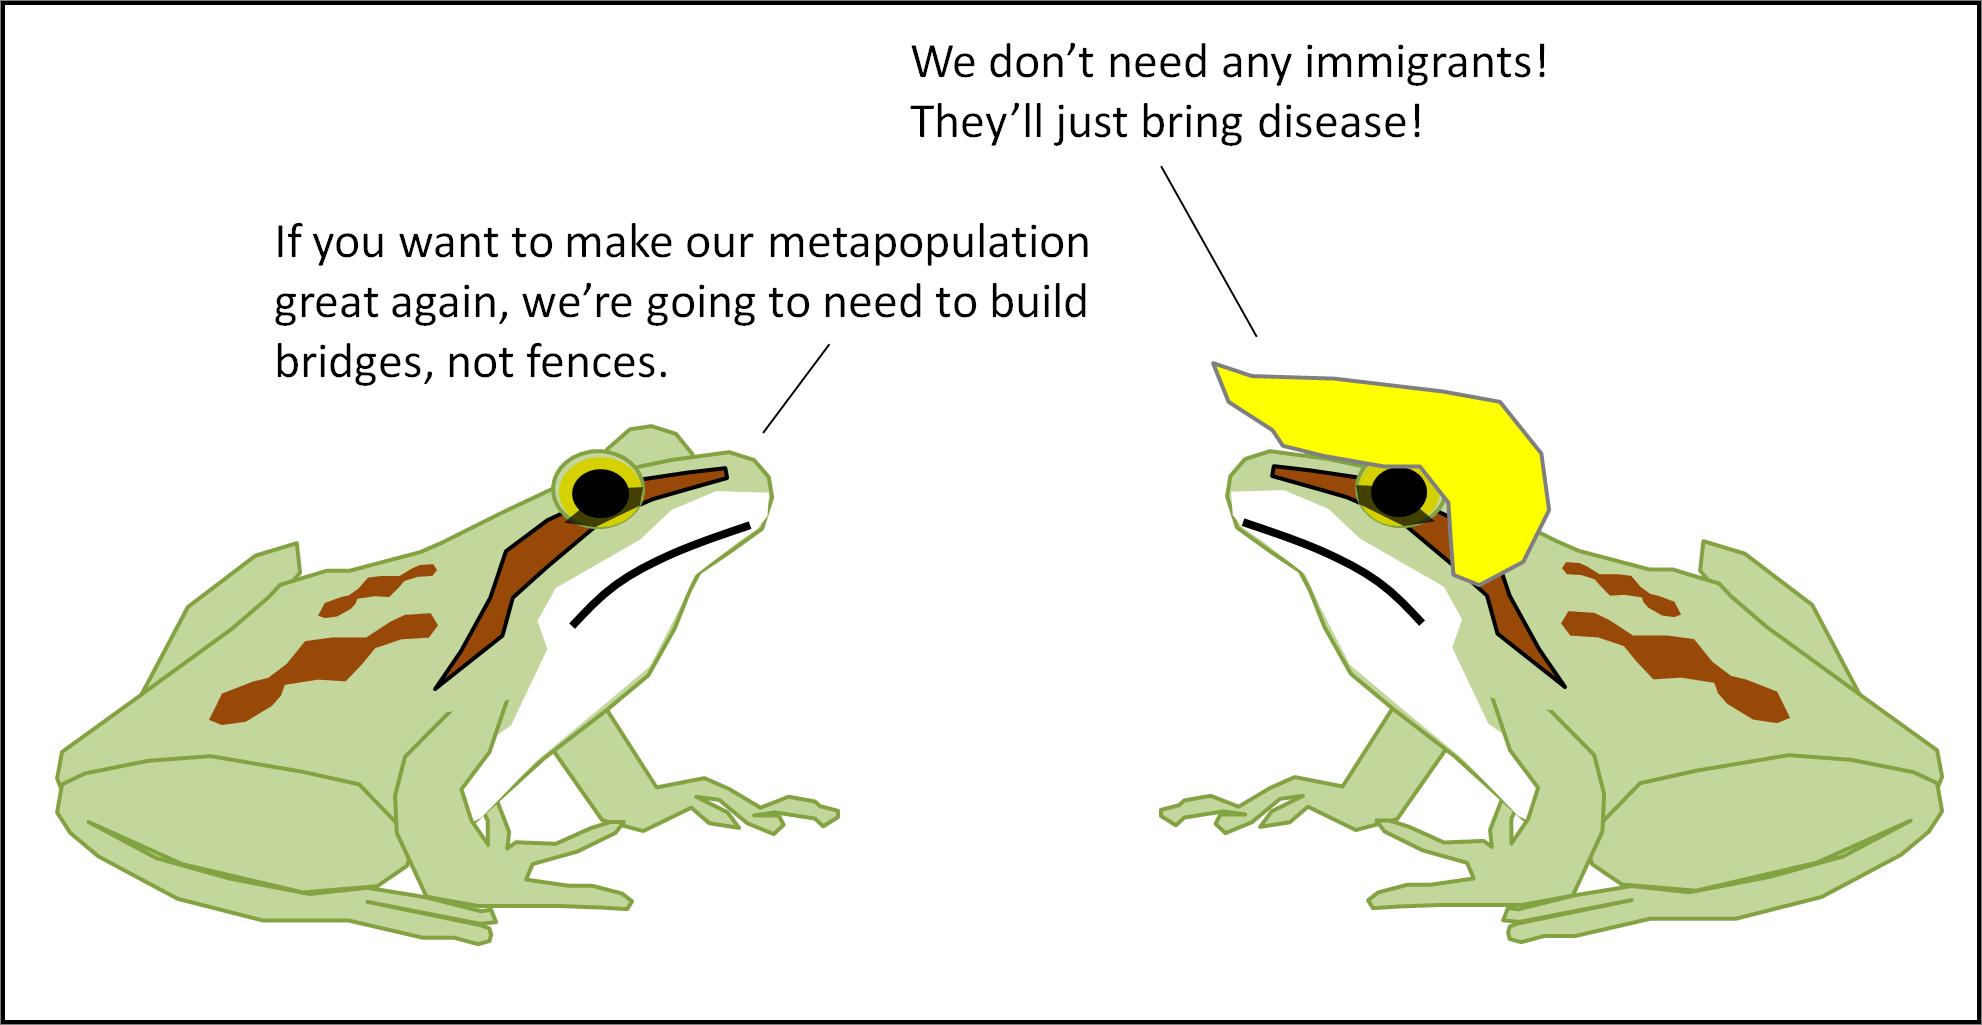 metapopulation